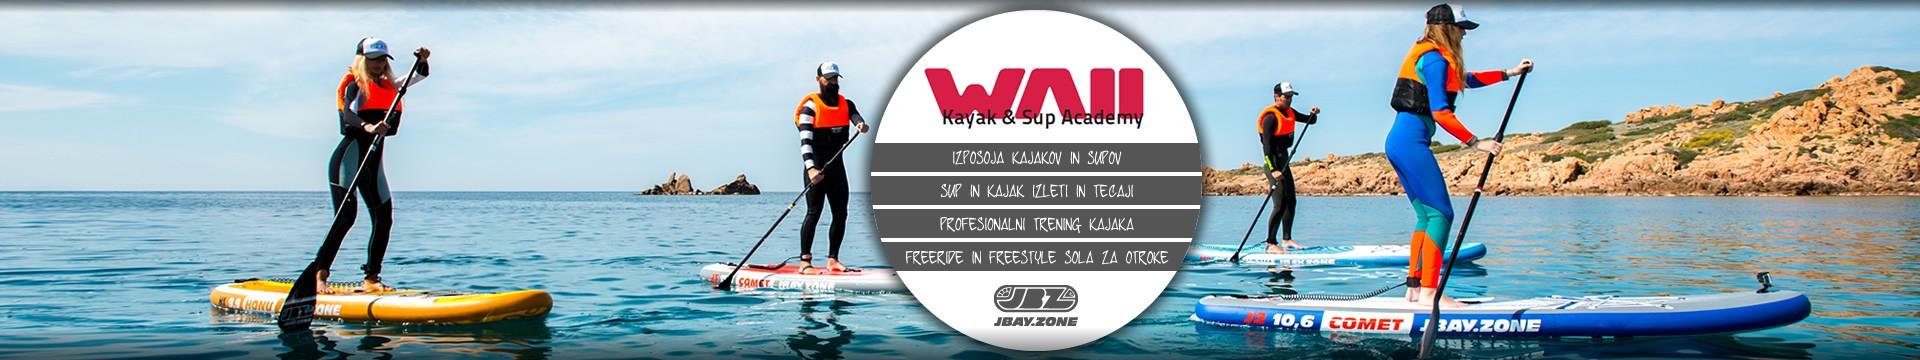 WAII SUP and Kayak